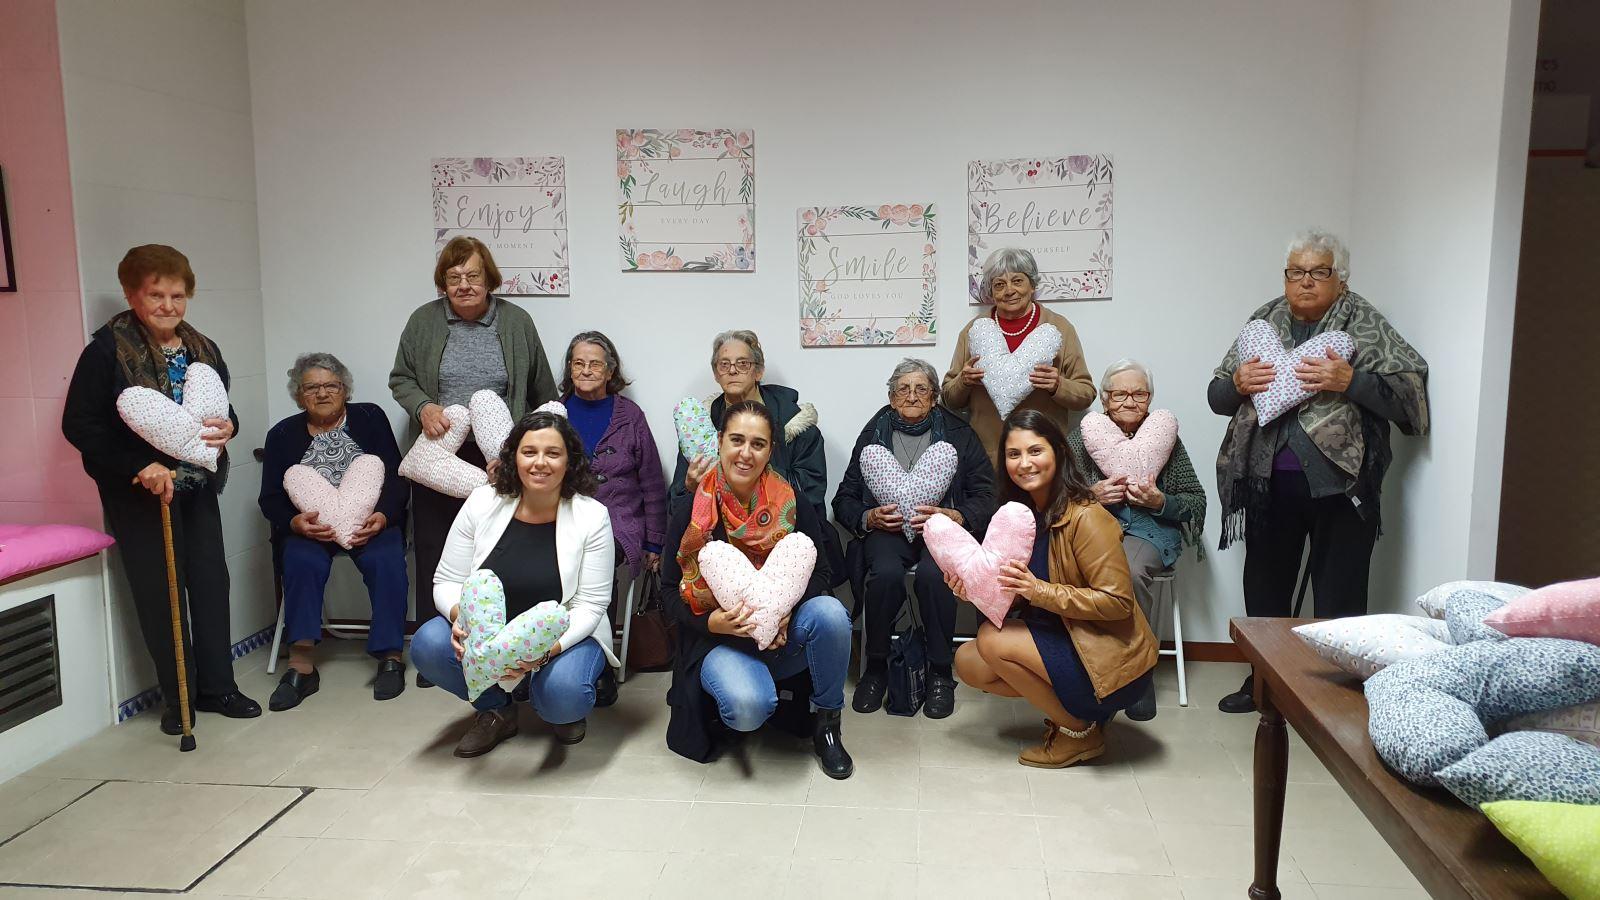 Grândola | Tricotar por solidariedade e valorização pessoal